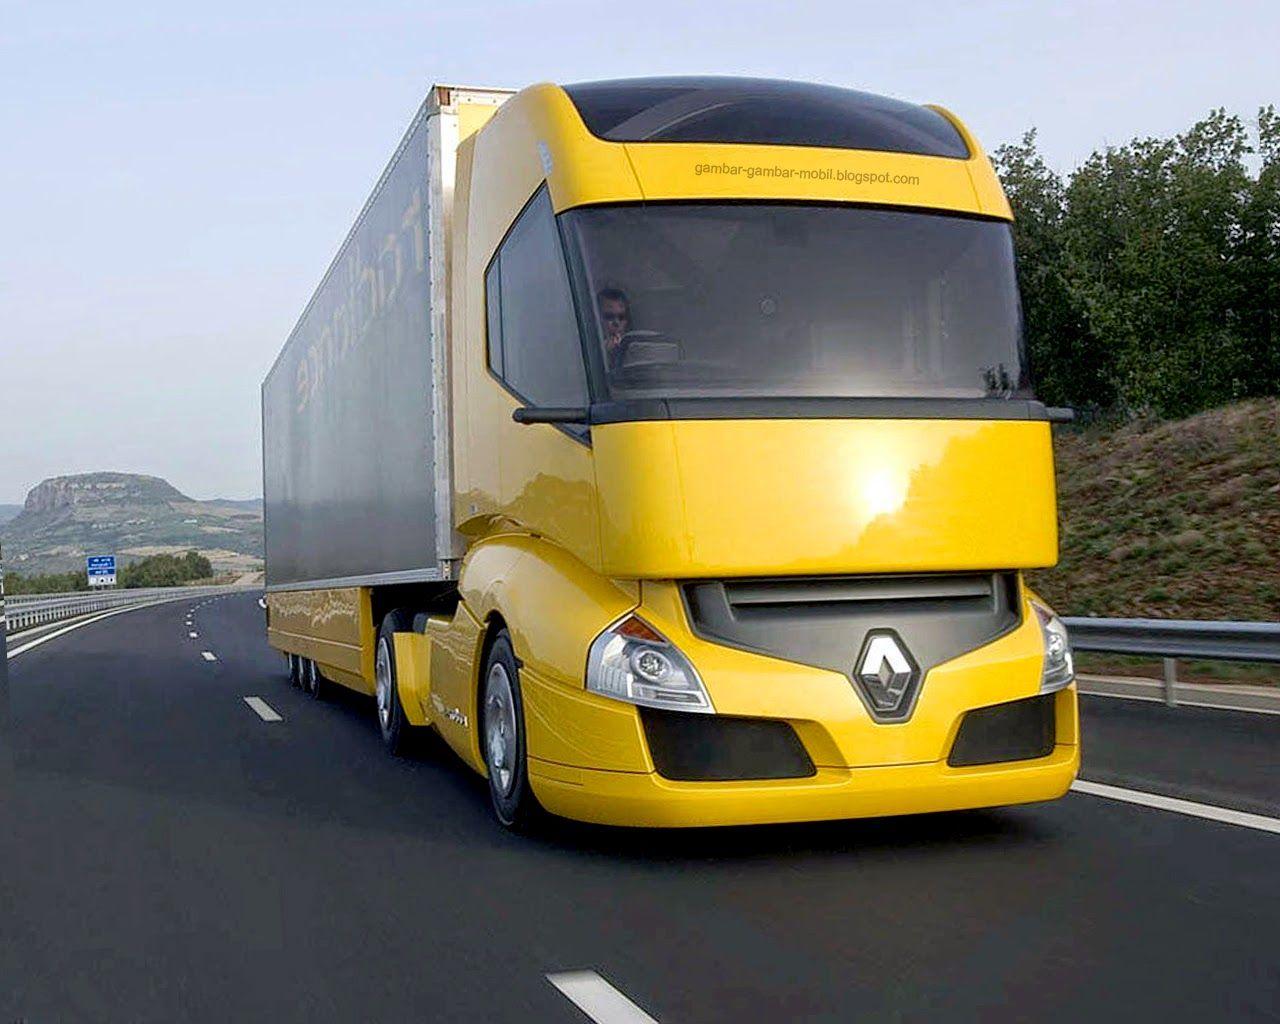 foto mobil truk besar truck pinterest. Black Bedroom Furniture Sets. Home Design Ideas